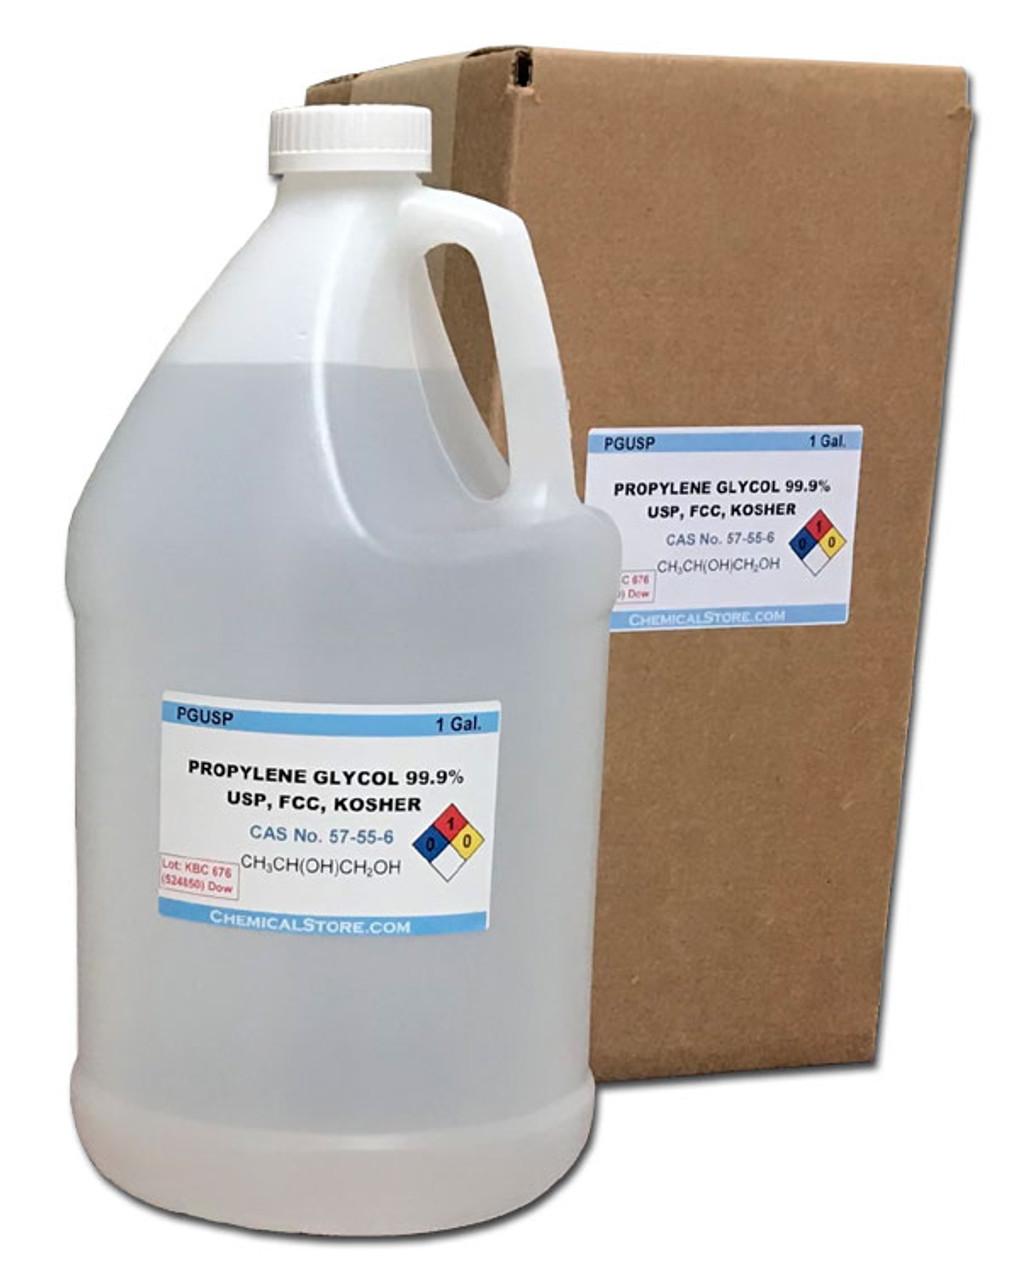 Propylene glycol, 99.8%, USP, Kosher